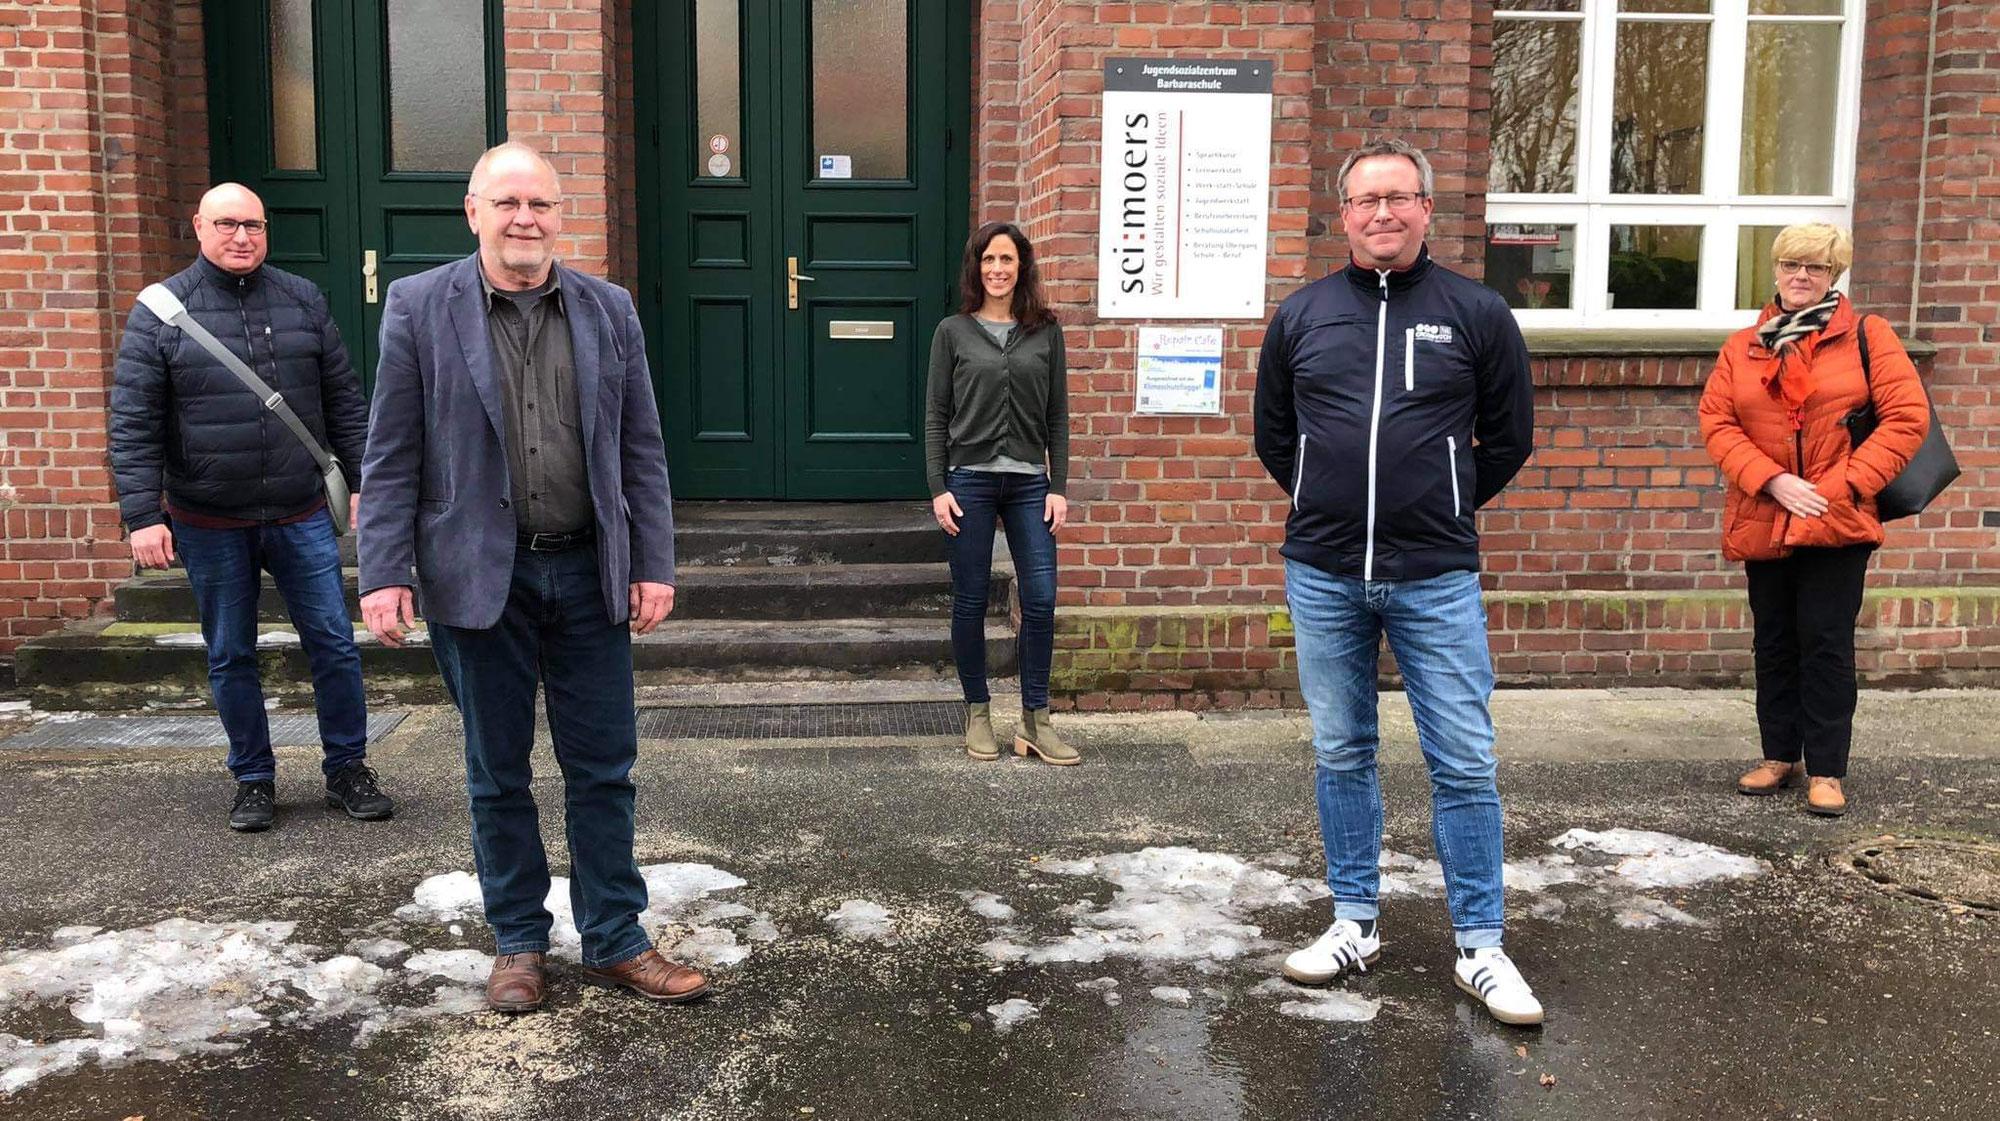 Stadtsportverband und SCI schmieden Bündnis Prävention gegen sexualisierte Gewalt